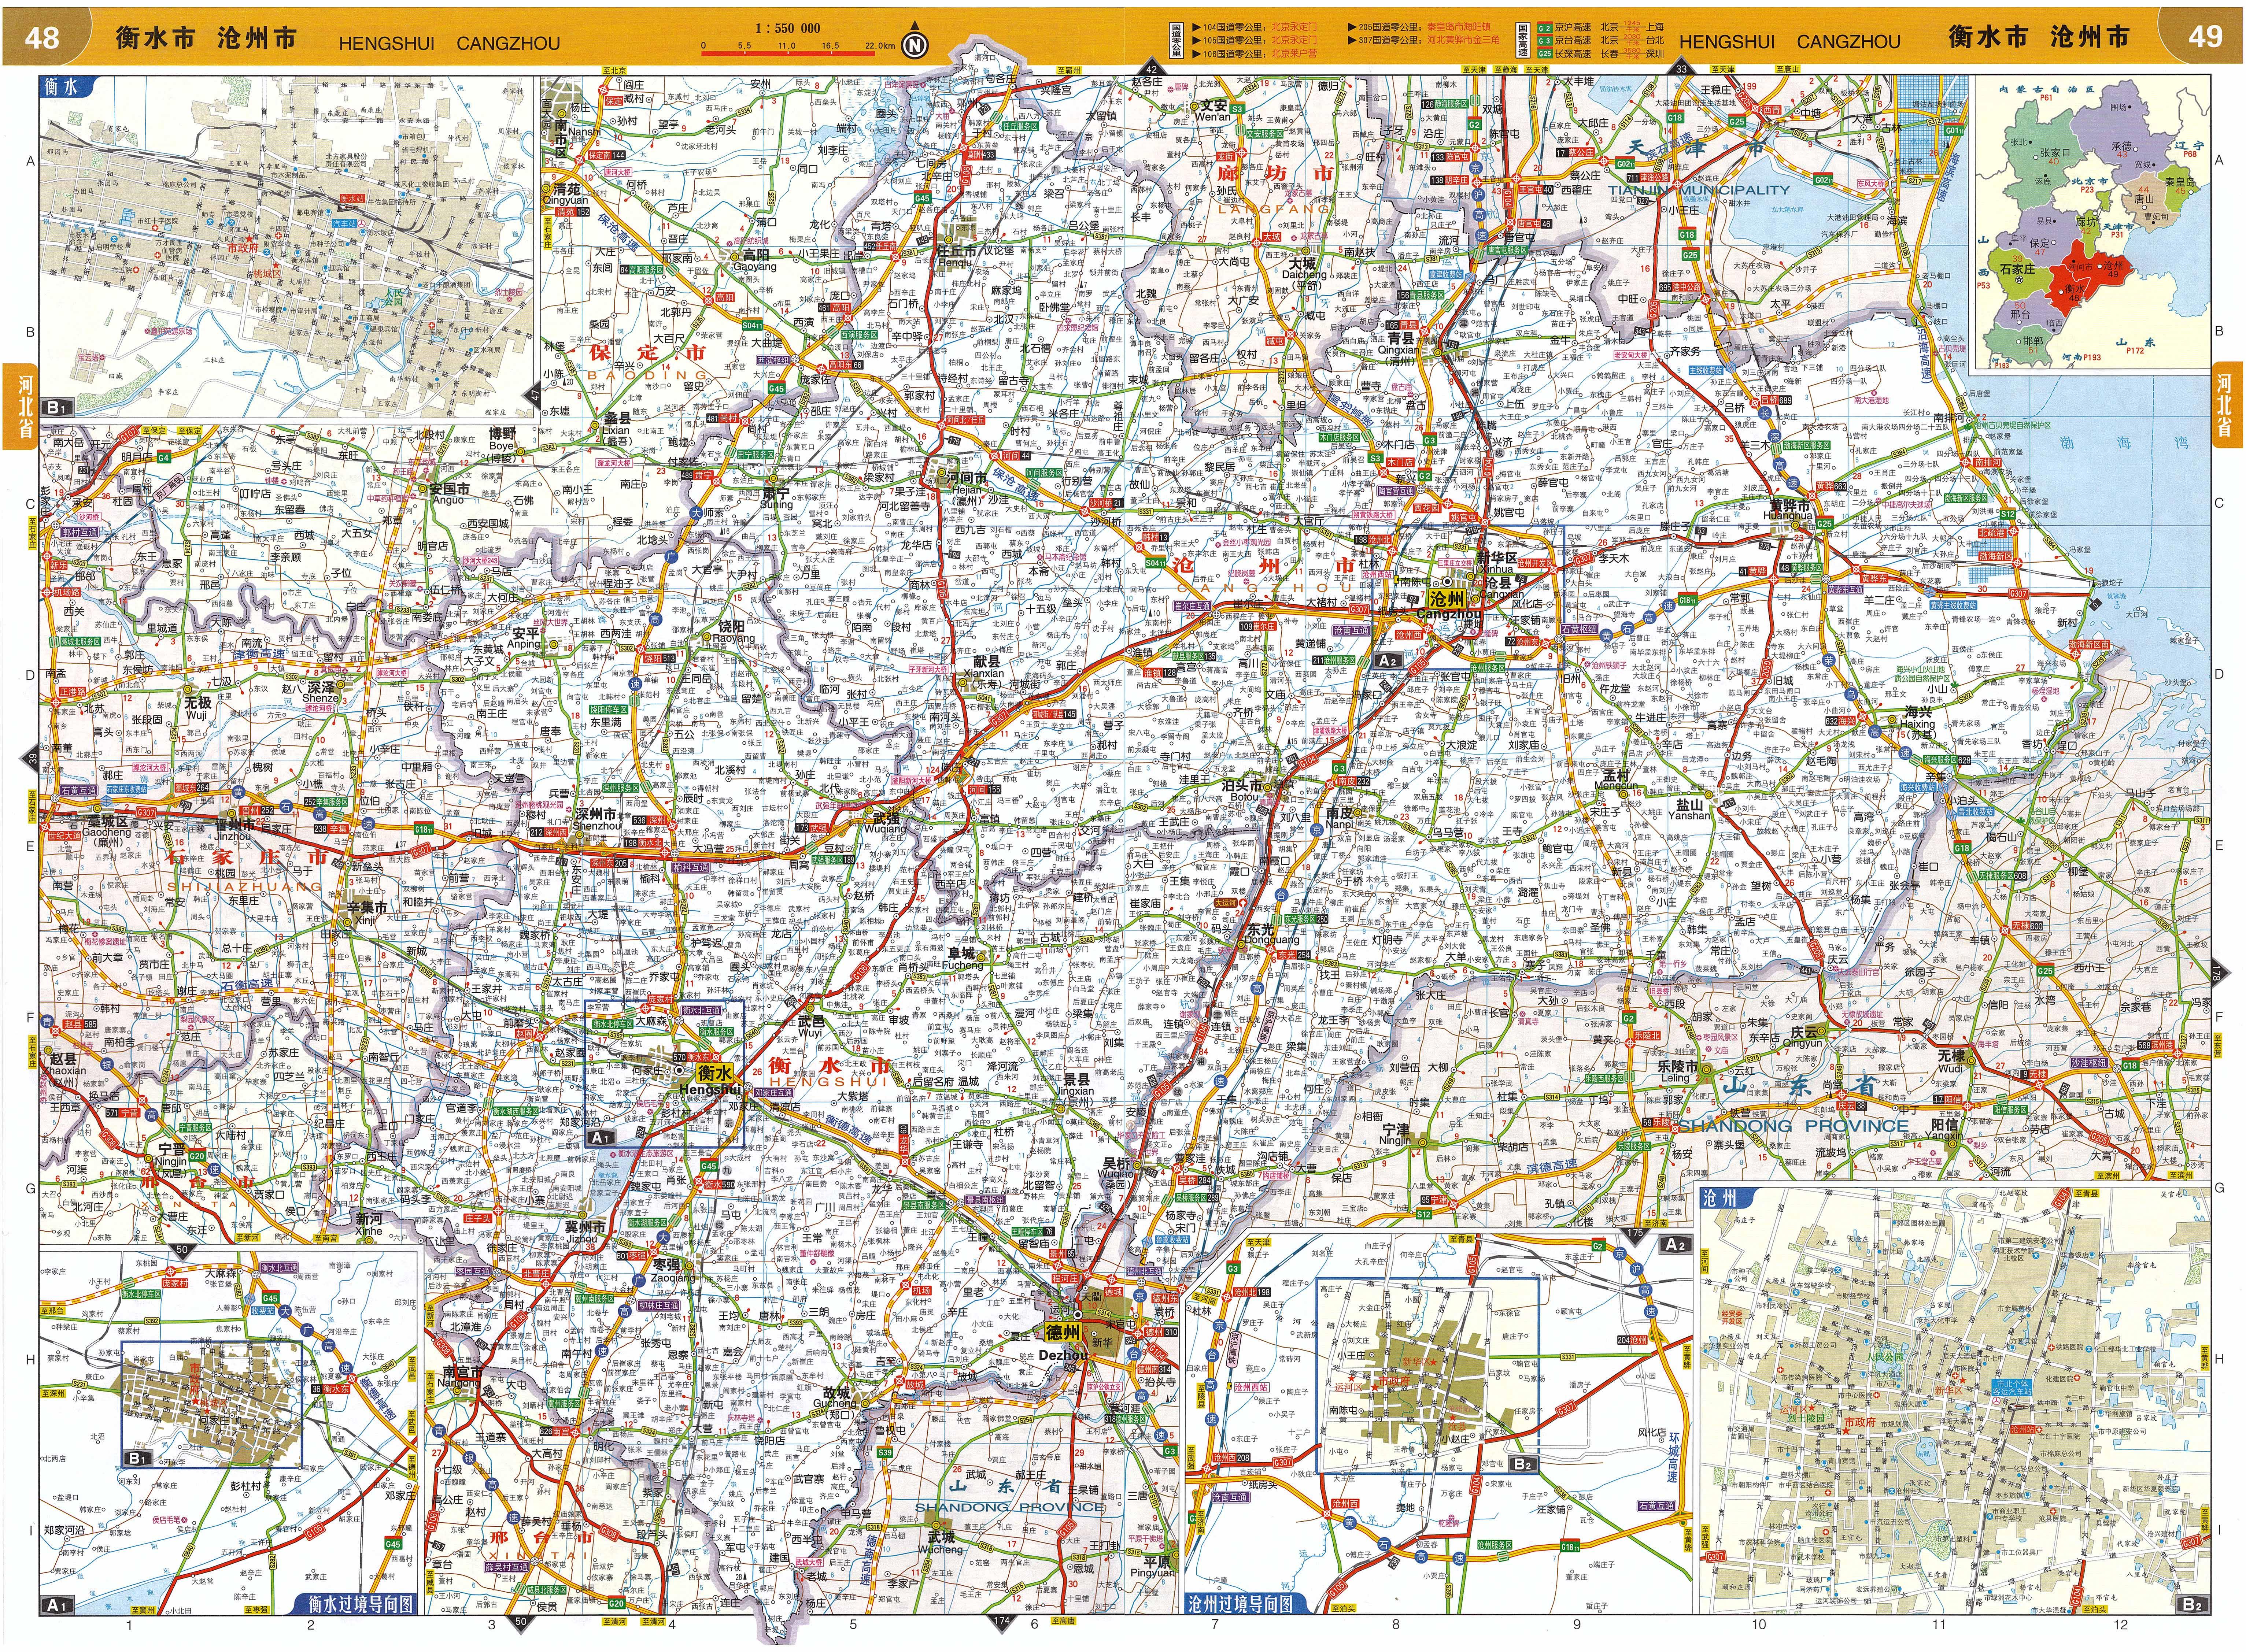 江苏高铁地图全图_河北衡水市、沧州市交通地图全图高清版_综合交通图_地图窝